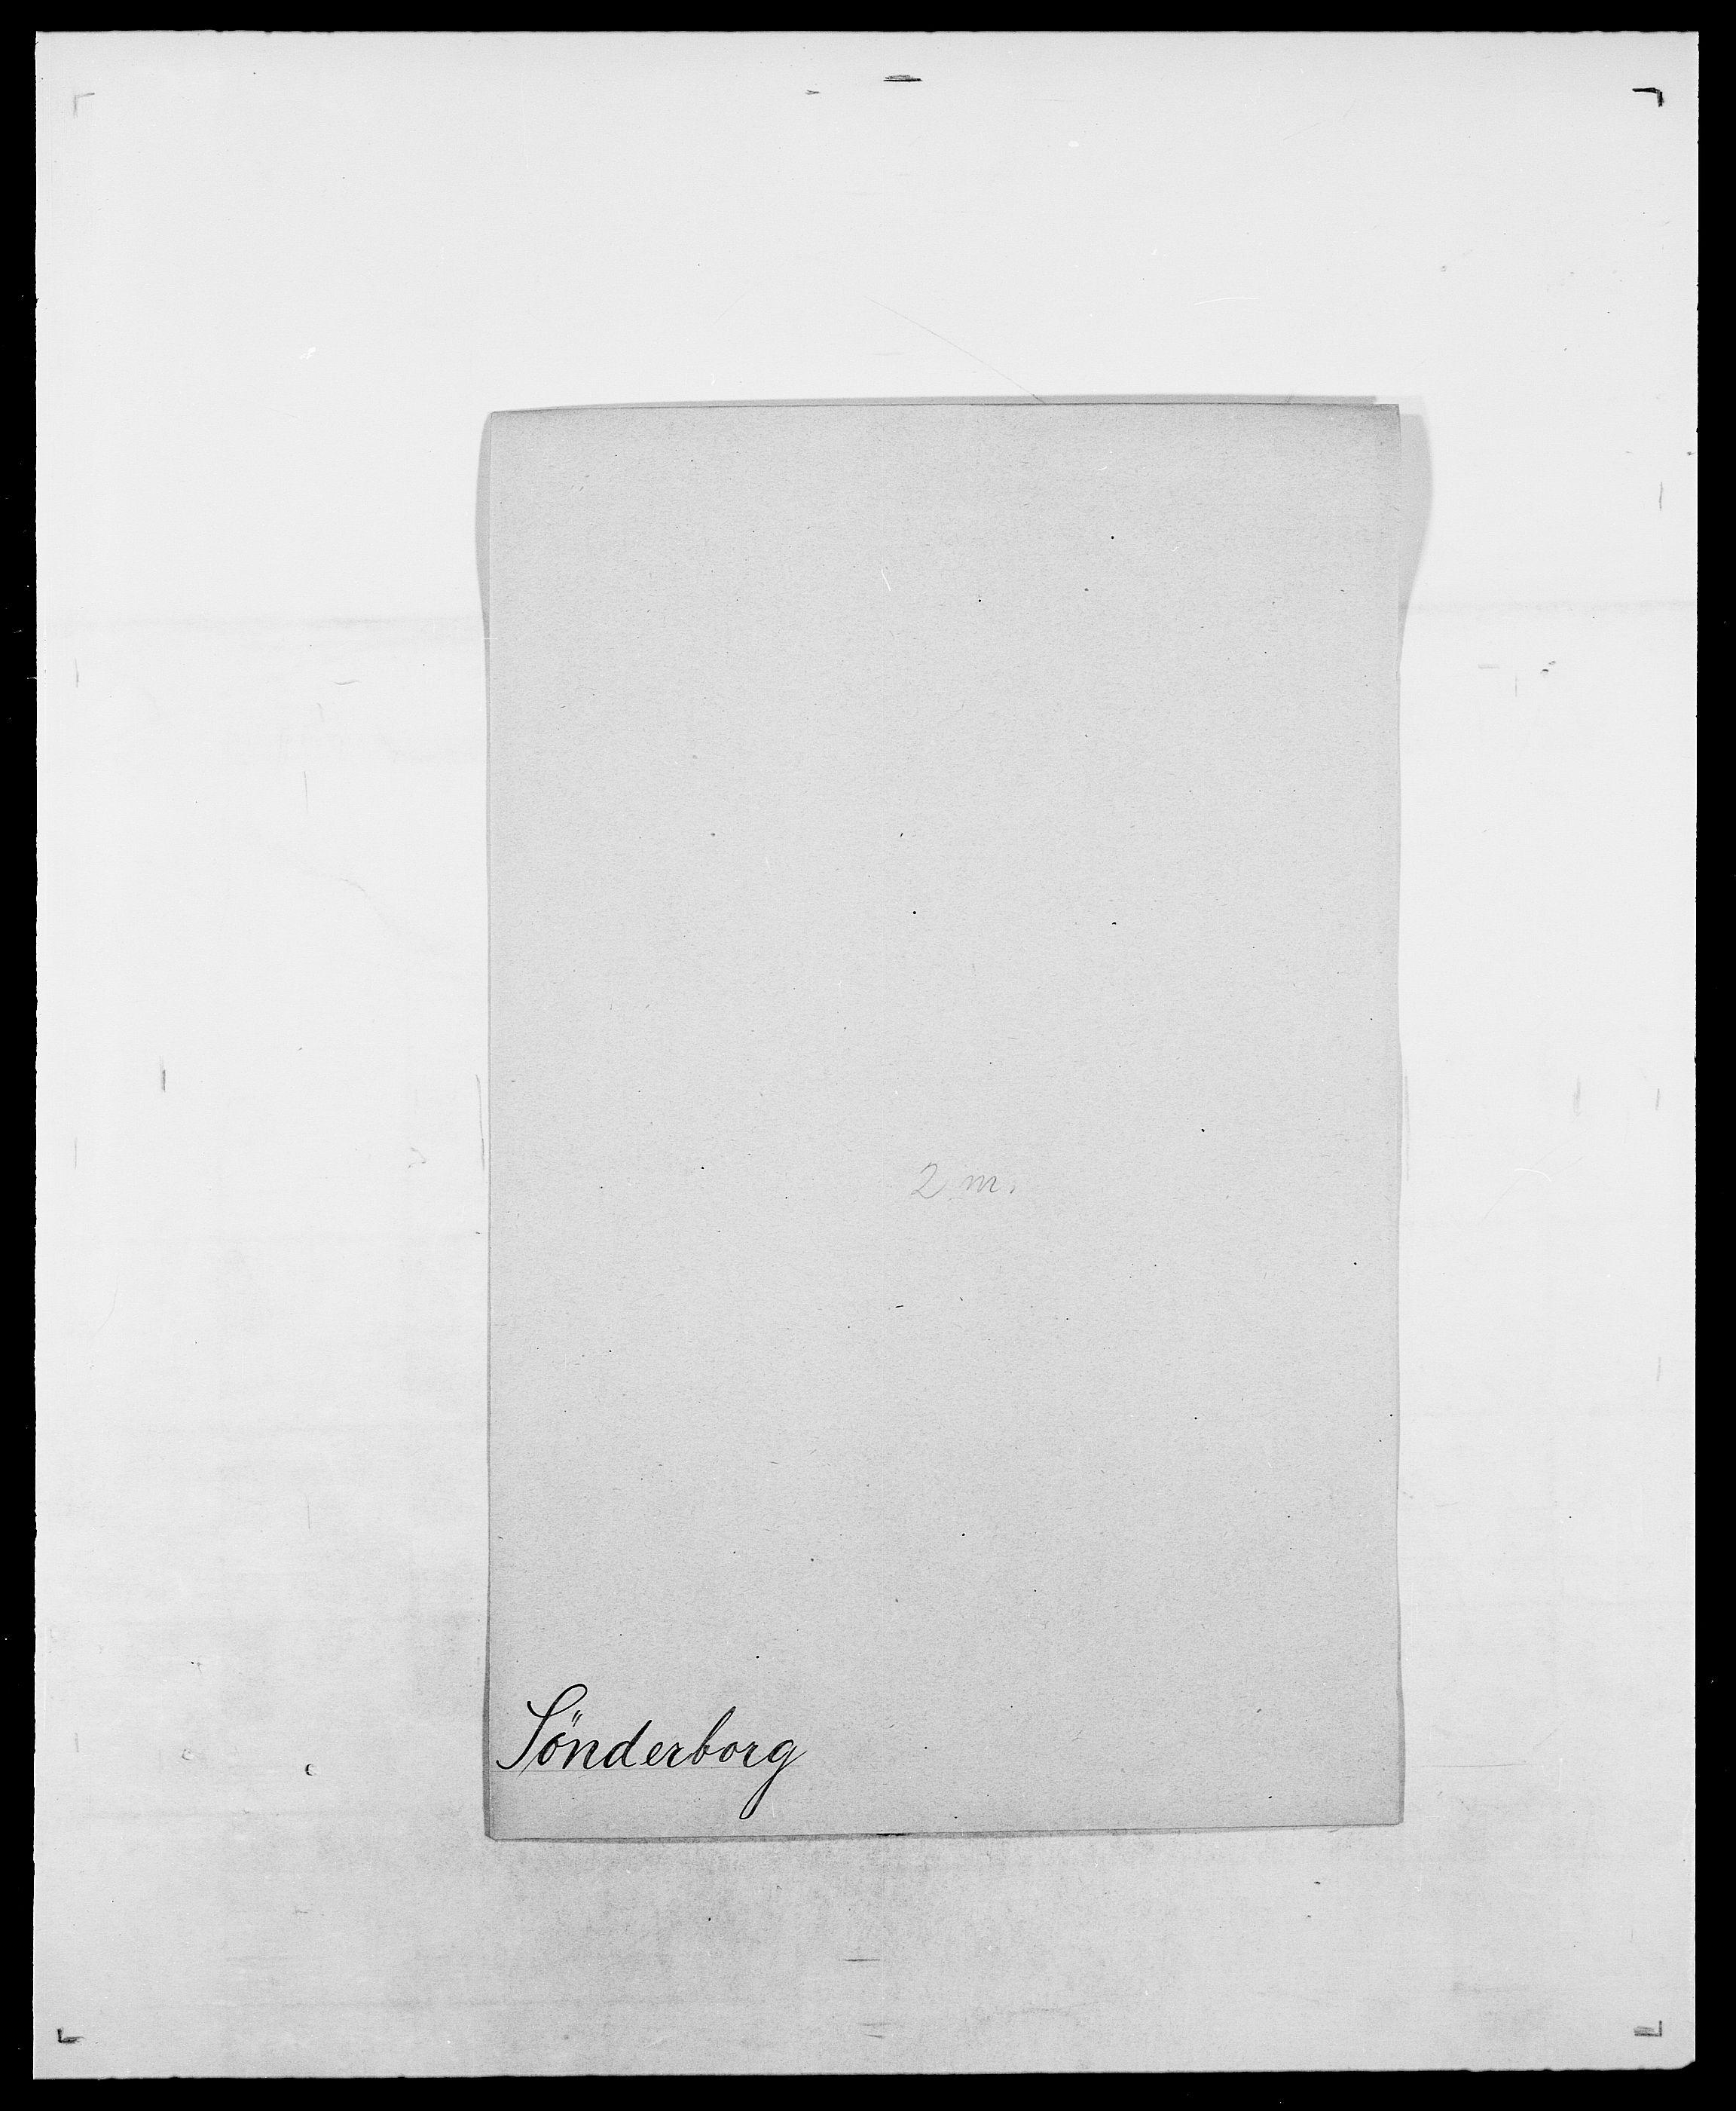 SAO, Delgobe, Charles Antoine - samling, D/Da/L0038: Svanenskjold - Thornsohn, s. 184